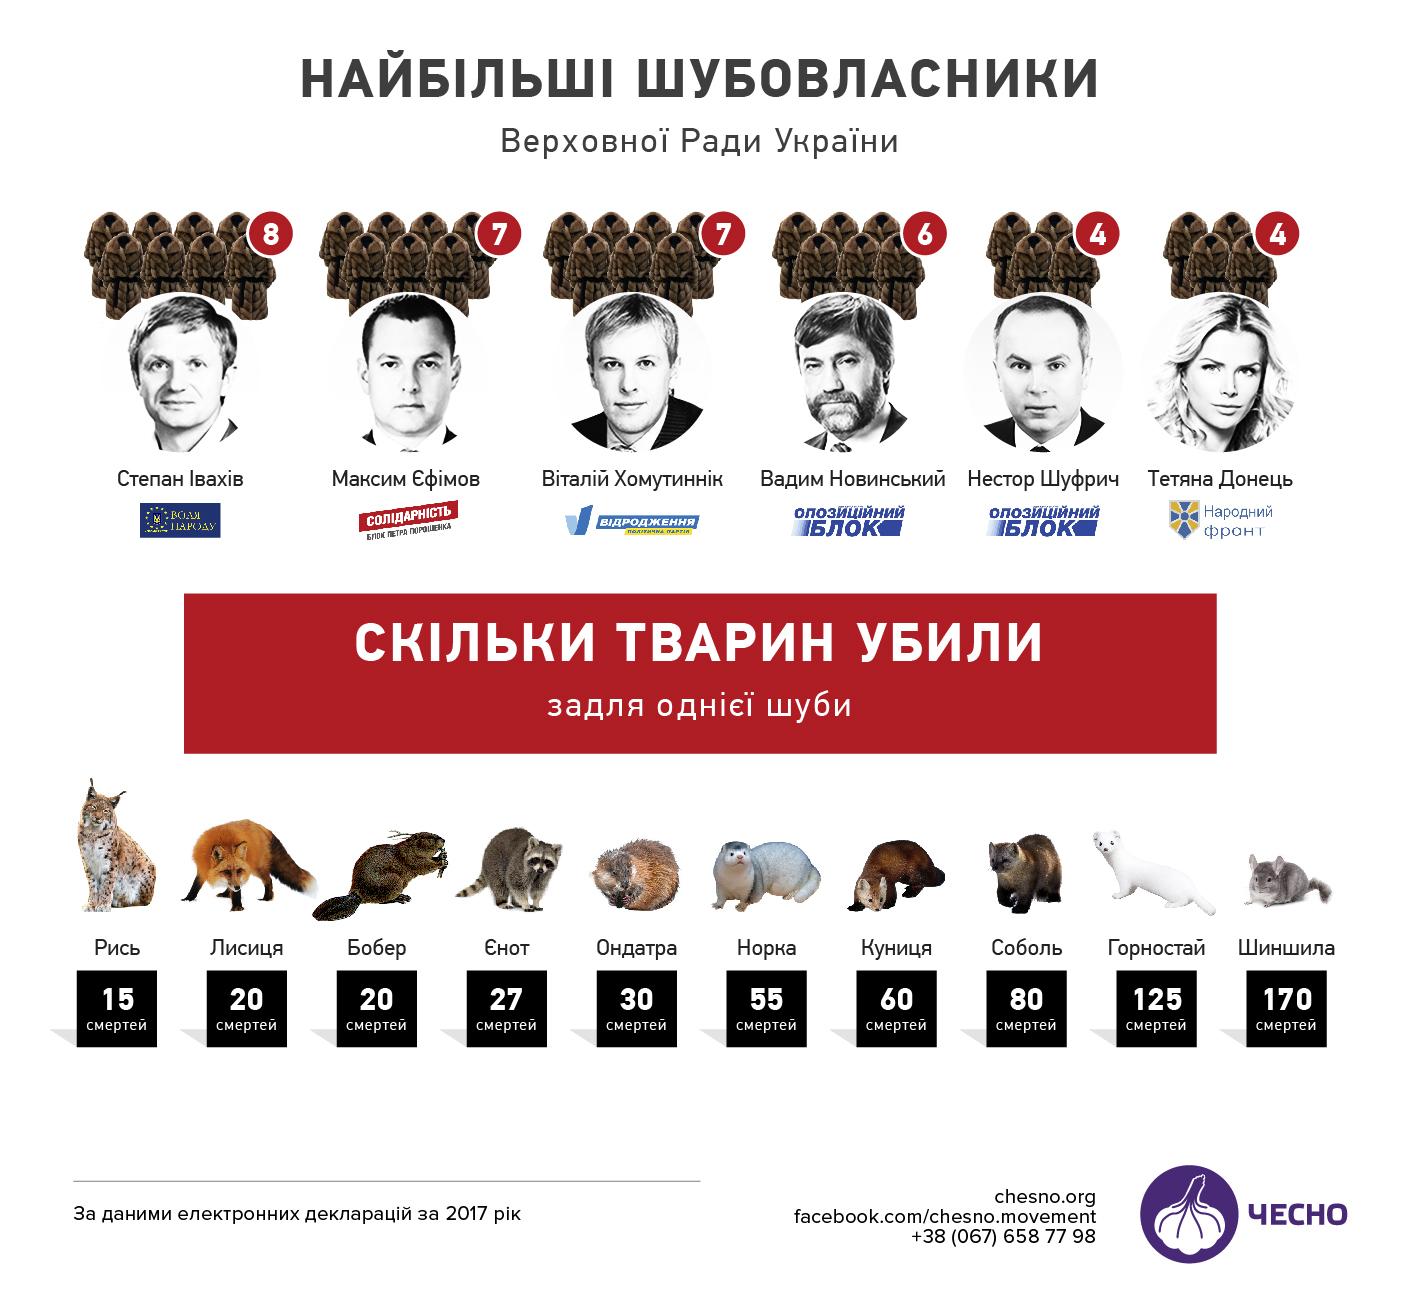 Журналисты подсчитали, сколько животных было убито для задекларированных шуб